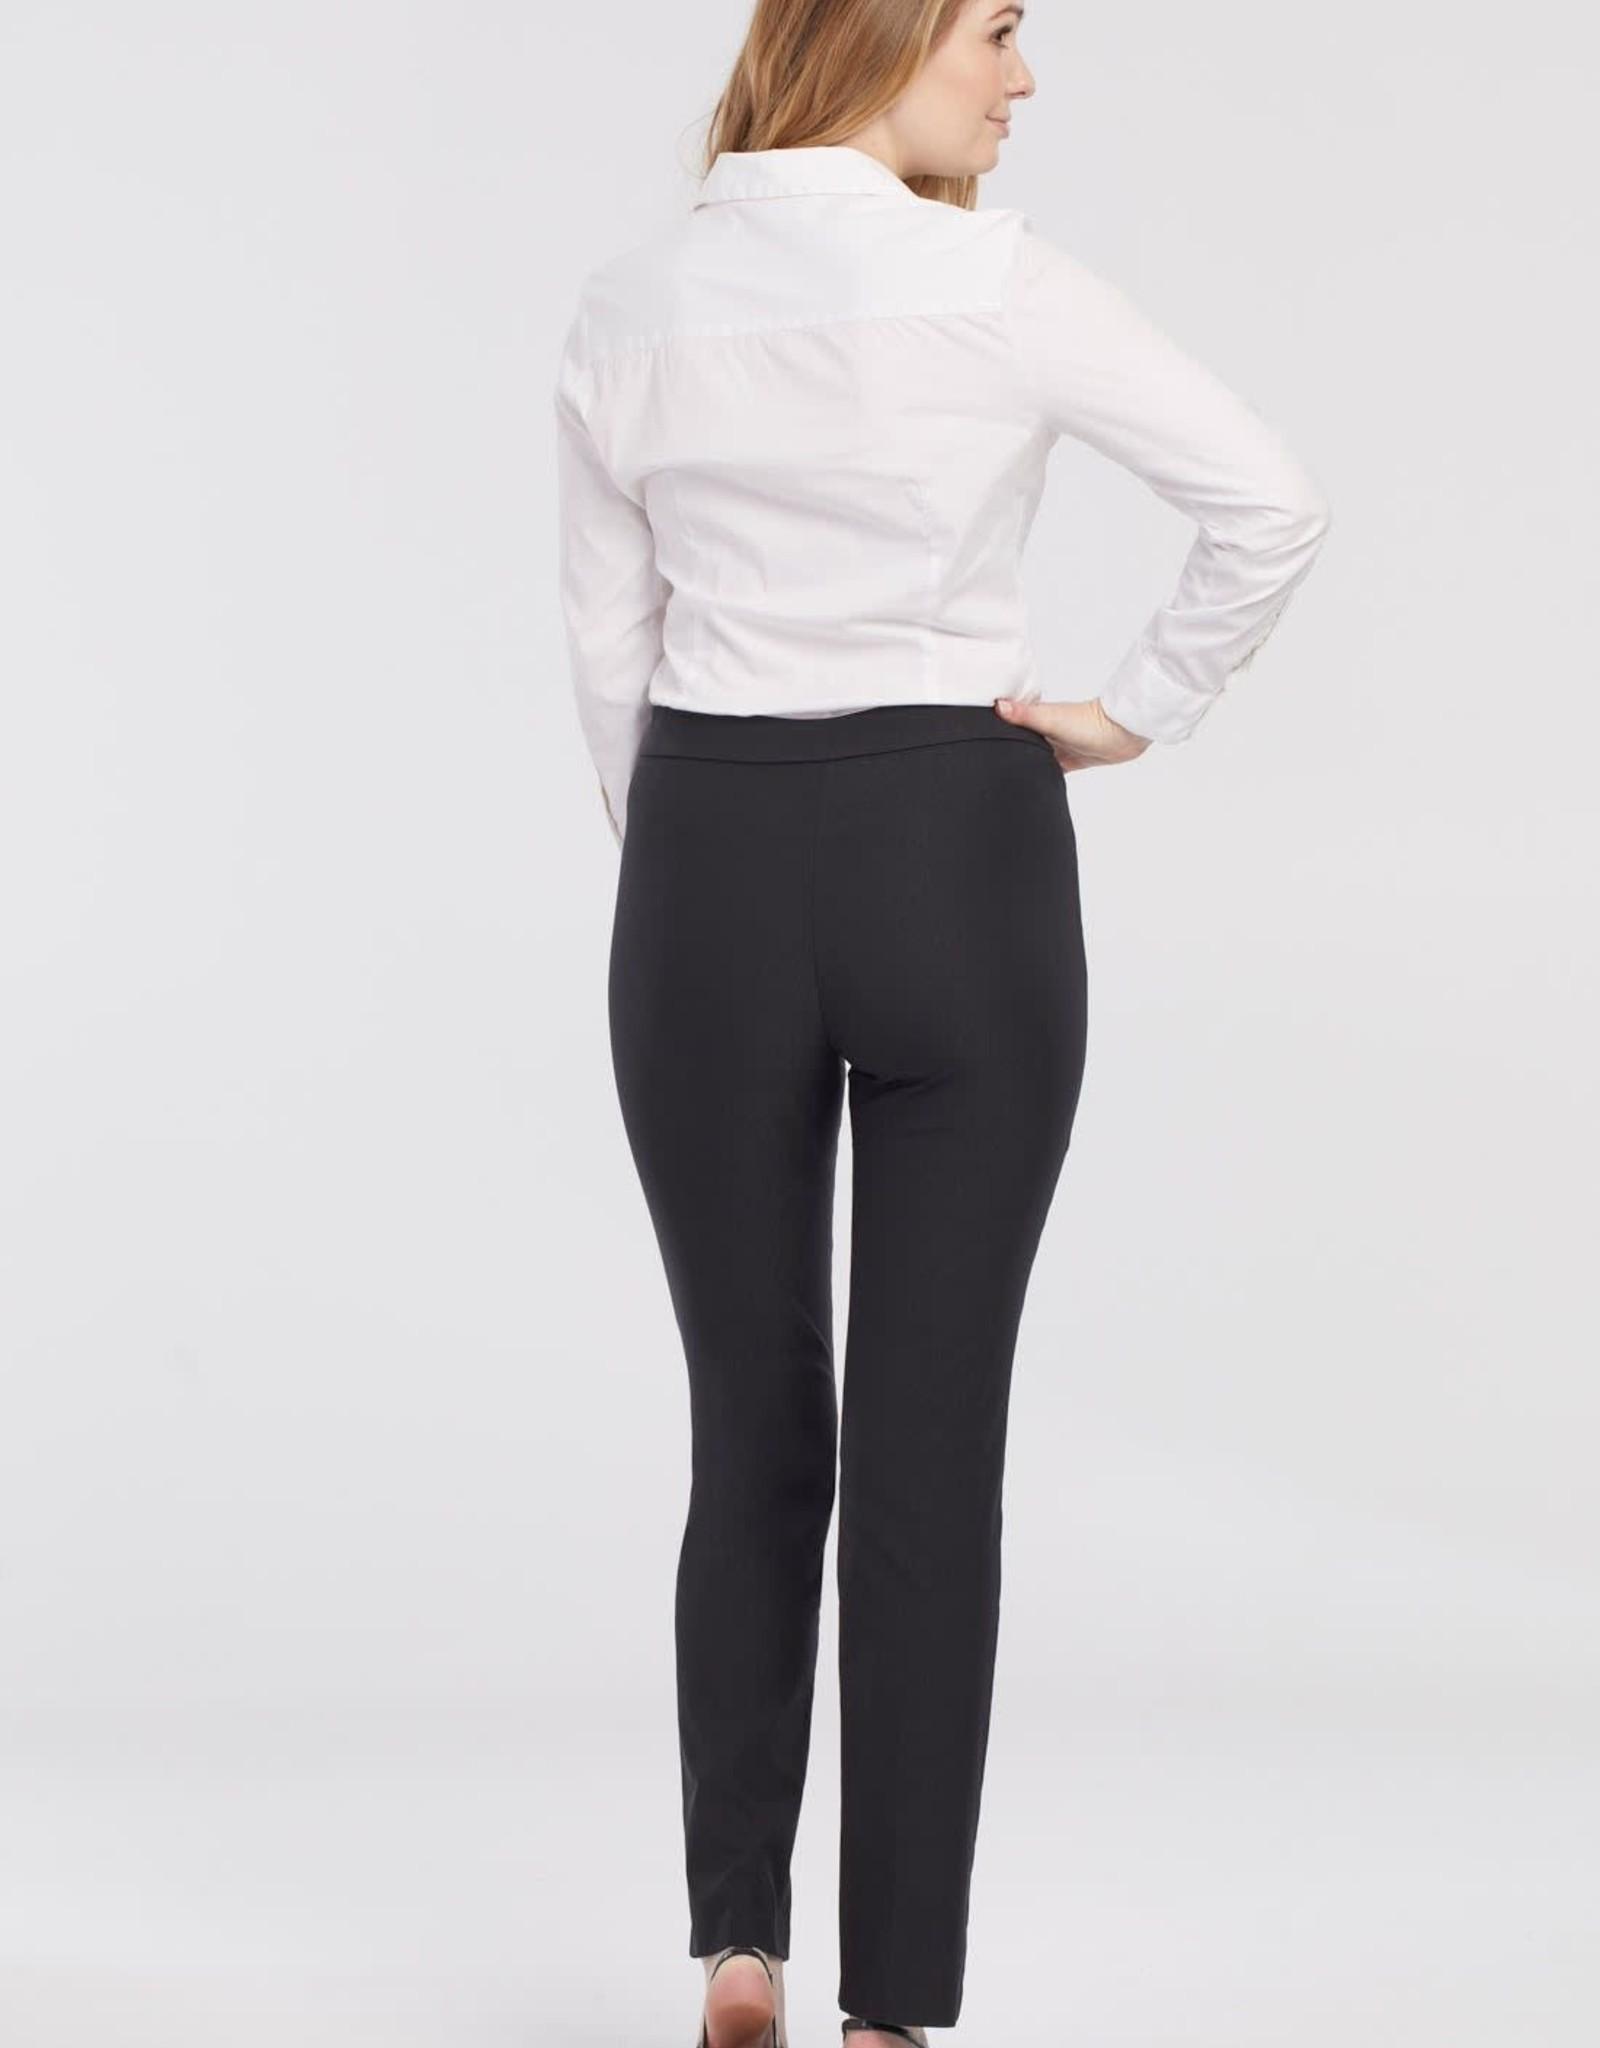 Tribal Black Pull-On Full Length Pant